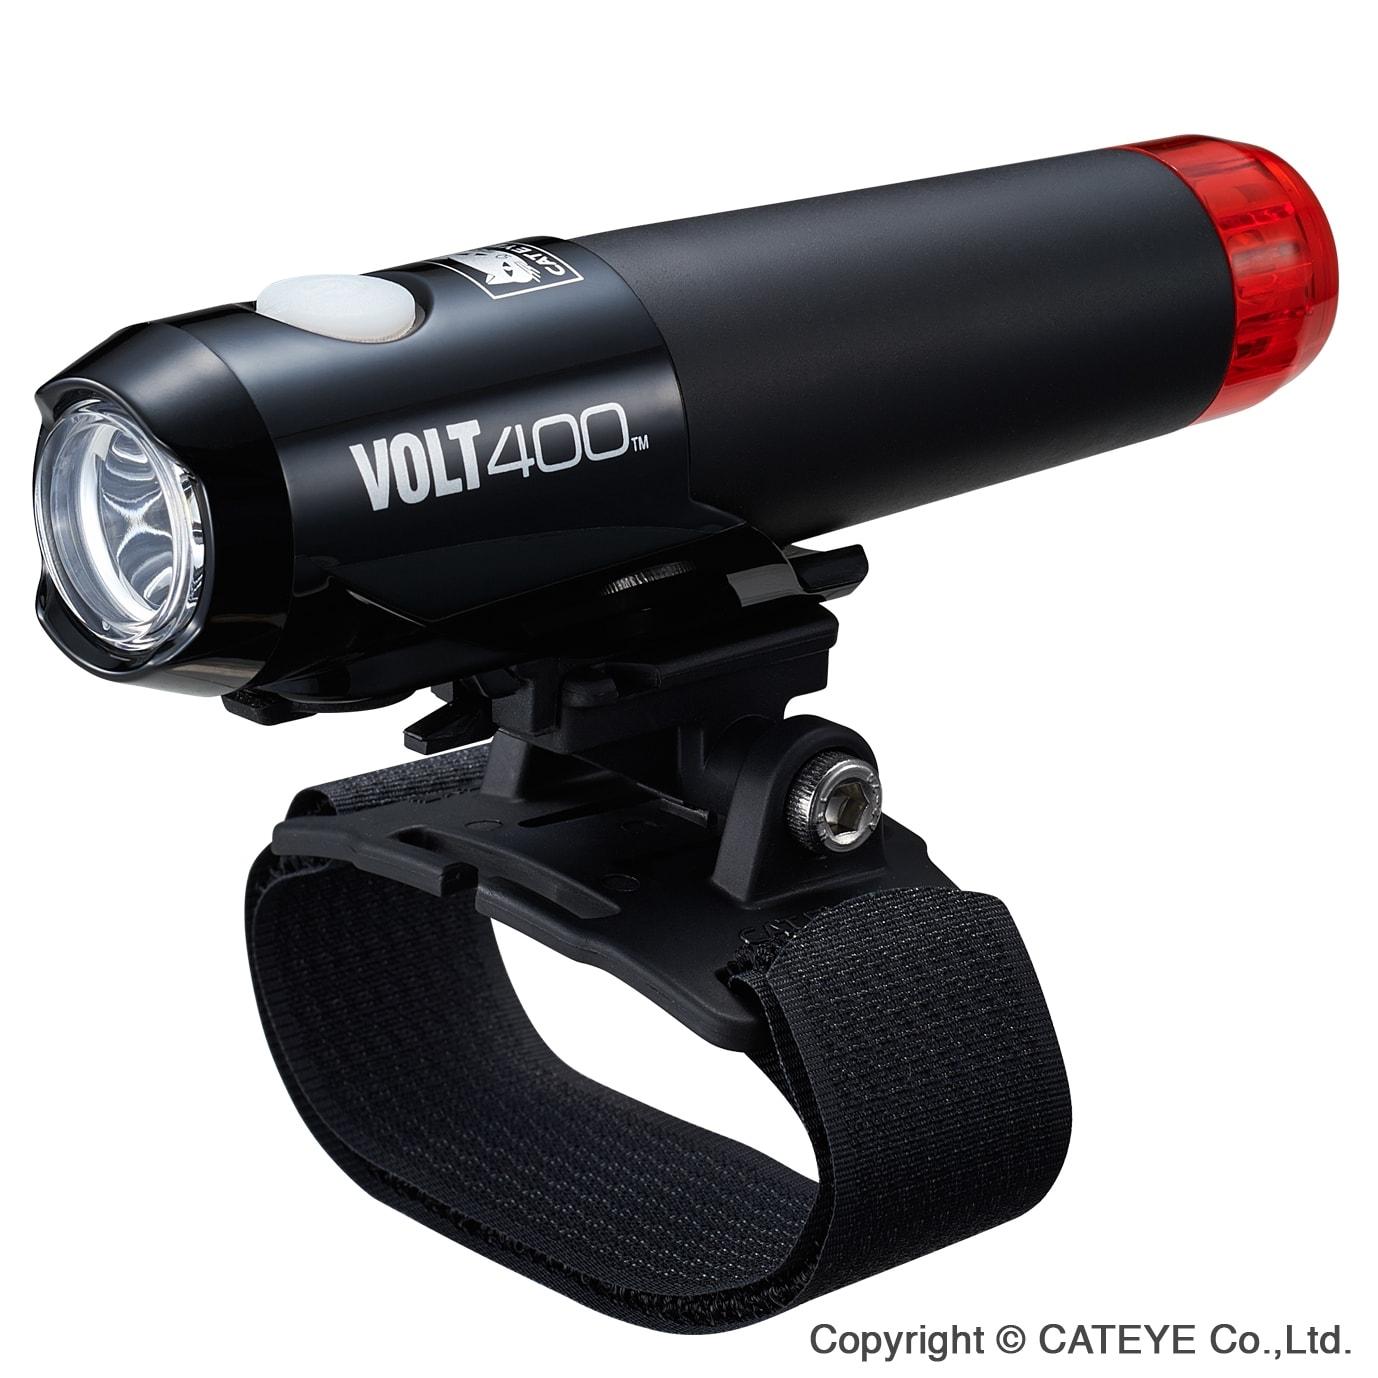 Hjelmlygte Cateye Volt400 DUPLEX for og baglygte i én - HL-EL462RC-H